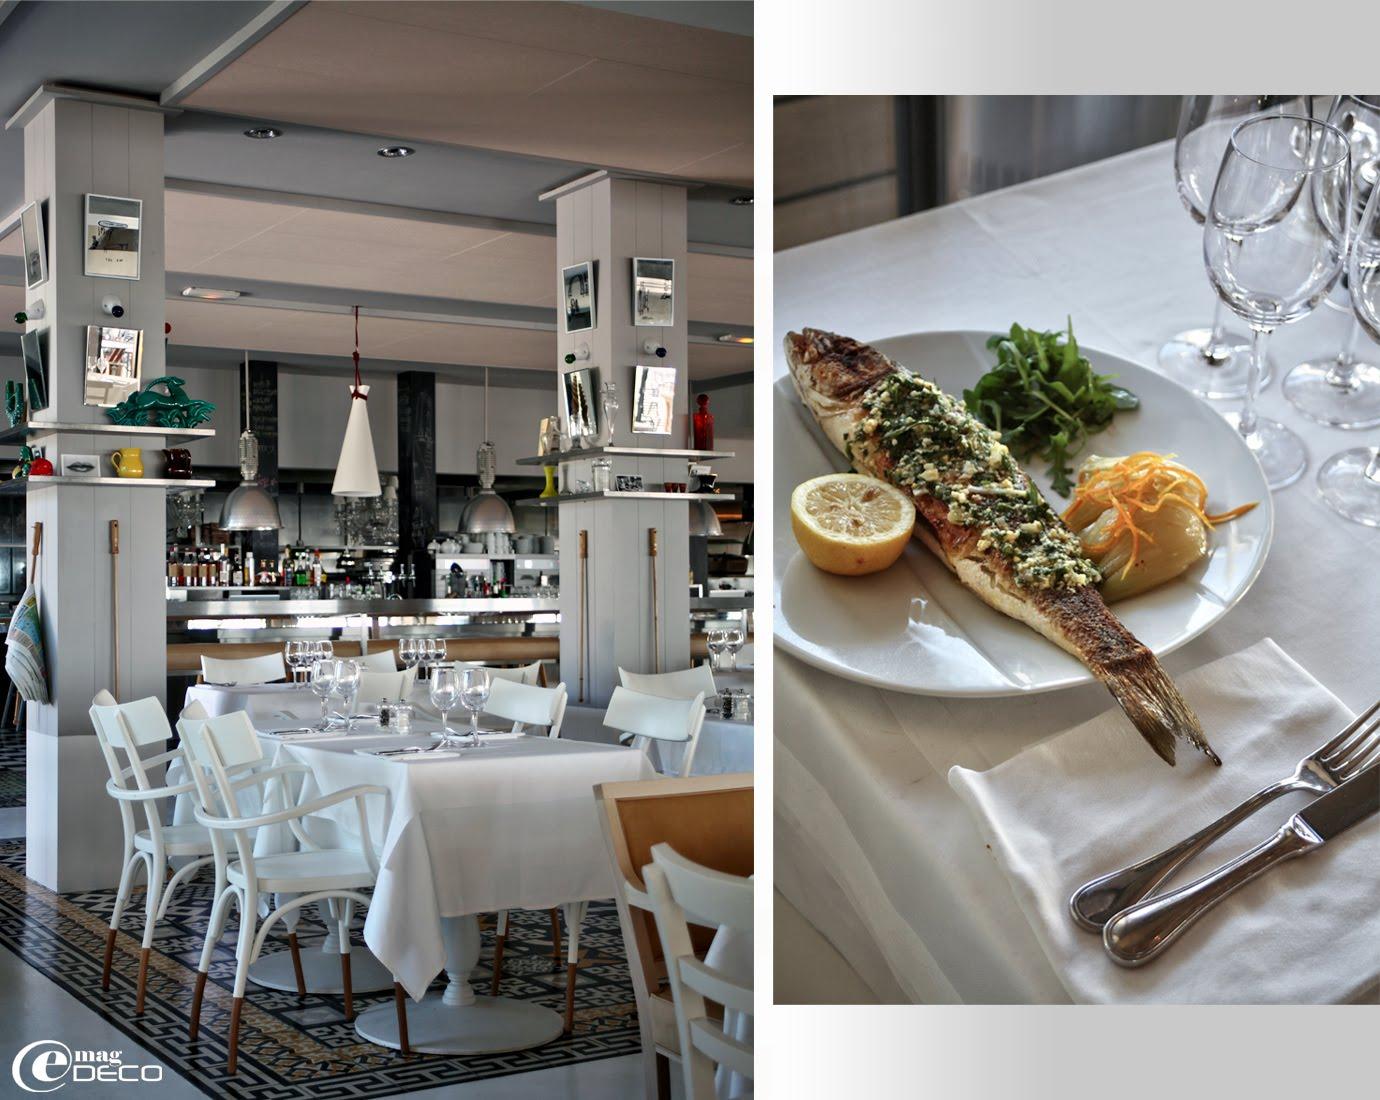 Fauteuils Thonet et tables en bois laqué et pieds en fonte Pedrali, dans le restaurant La Co(o)rniche réaménagé par Philippe Stark